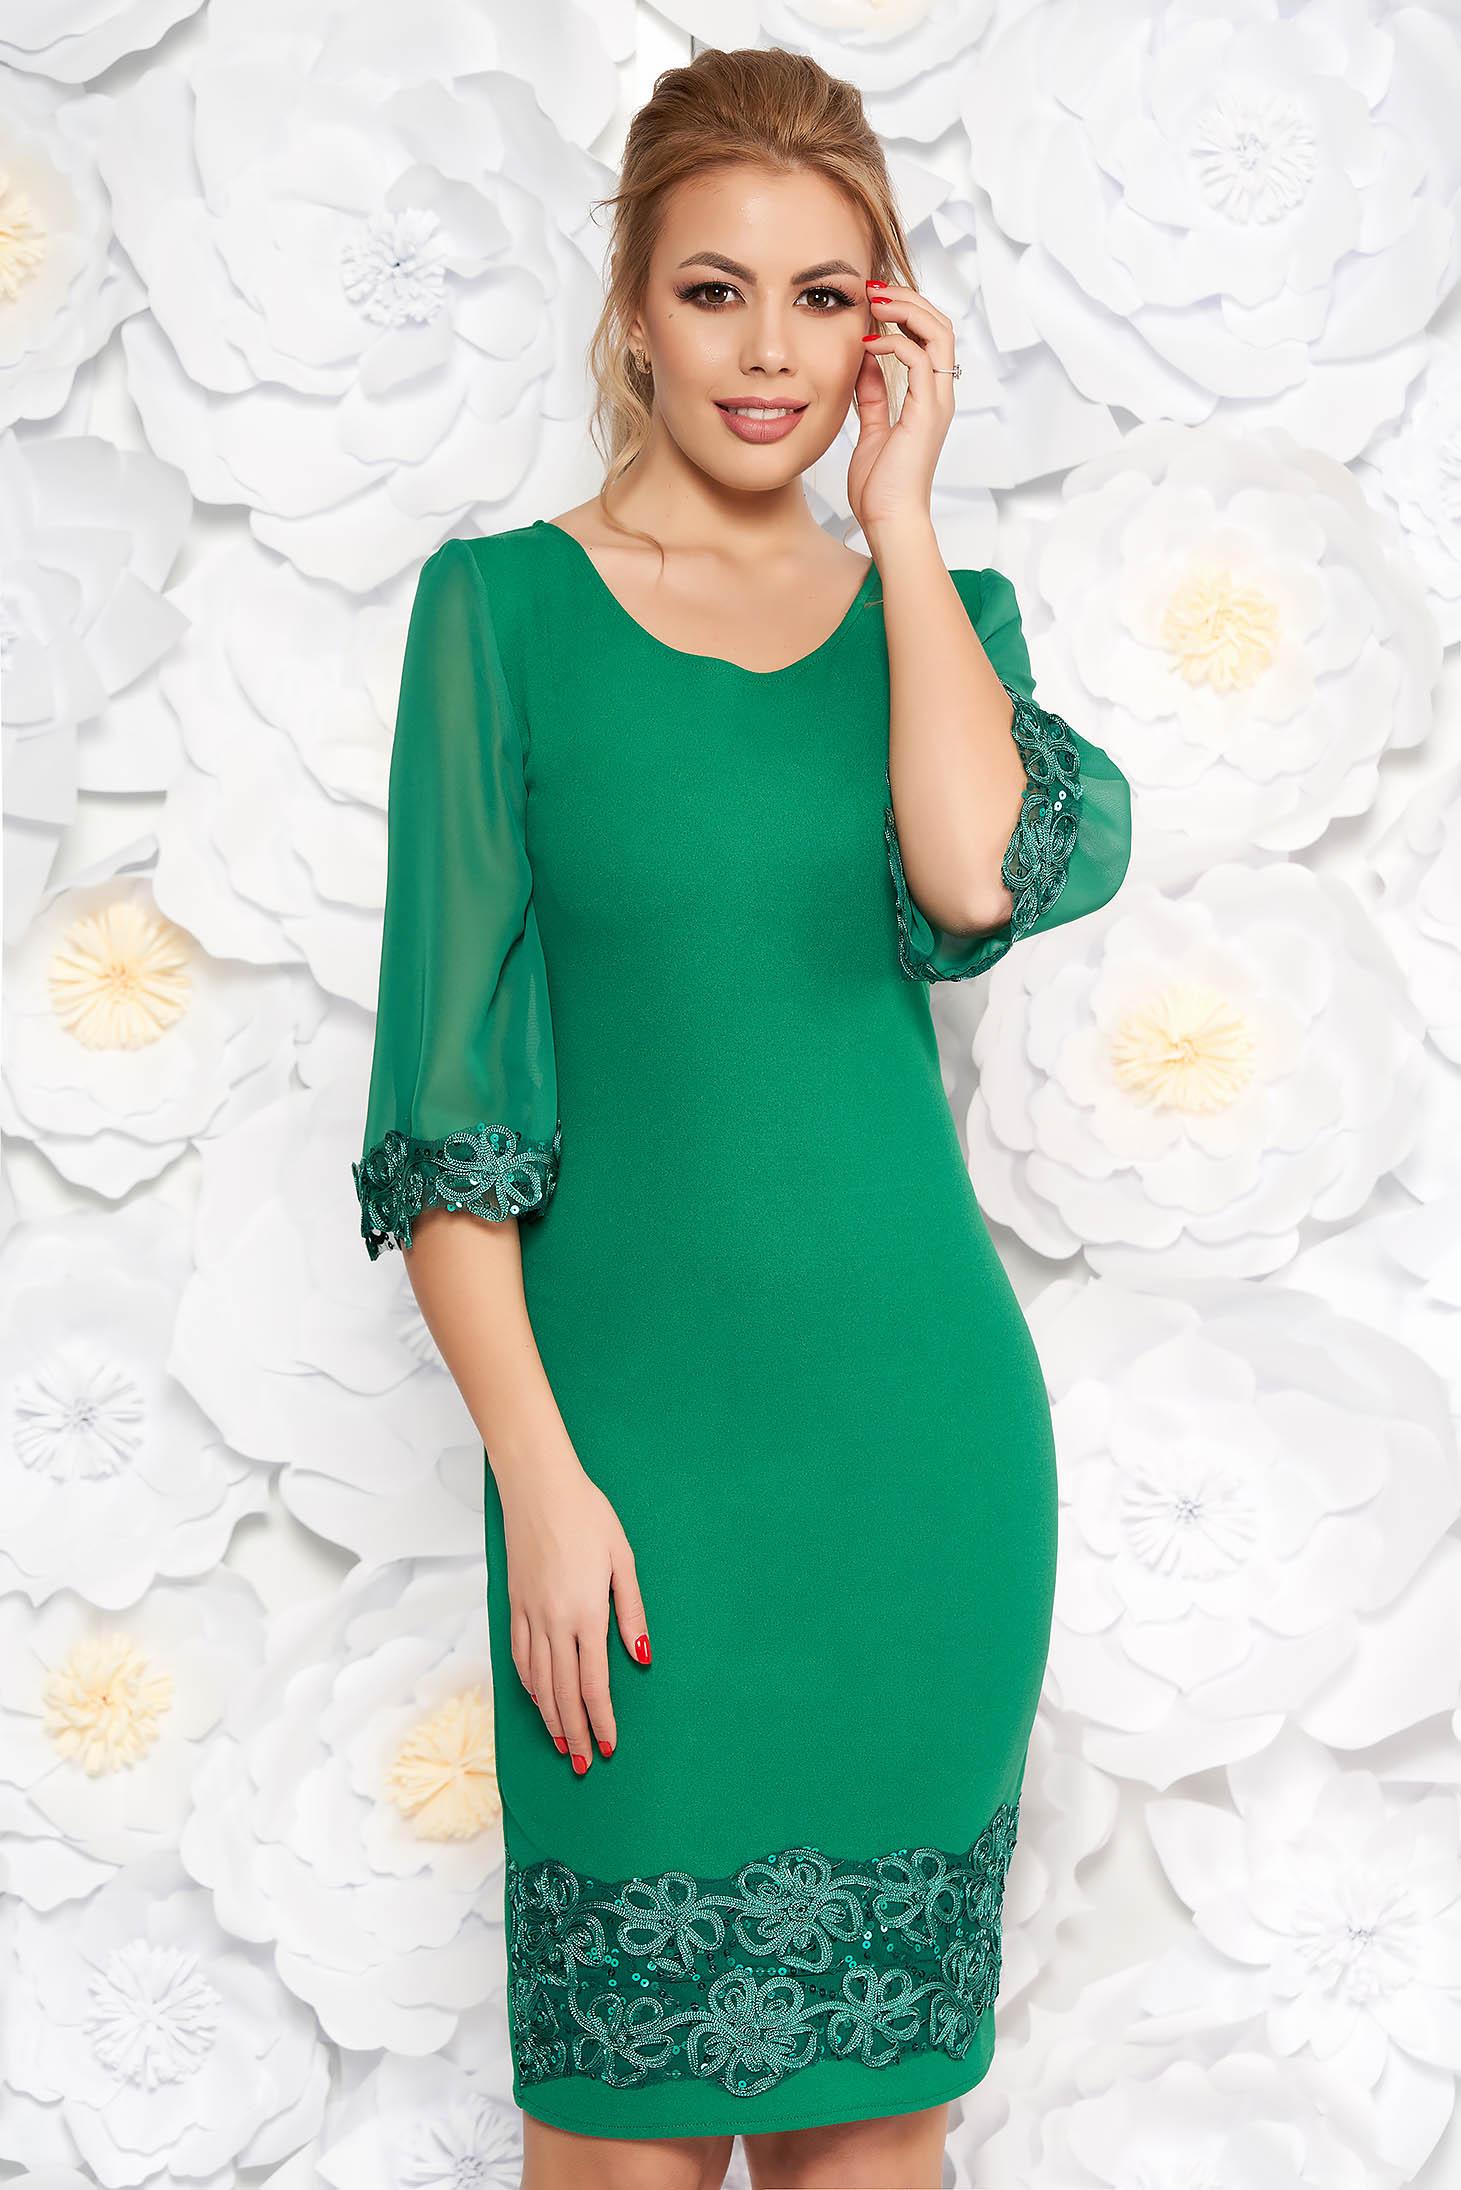 Zöld elegáns midi ceruza ruha flitteres díszítés enyhén rugalmas anyag